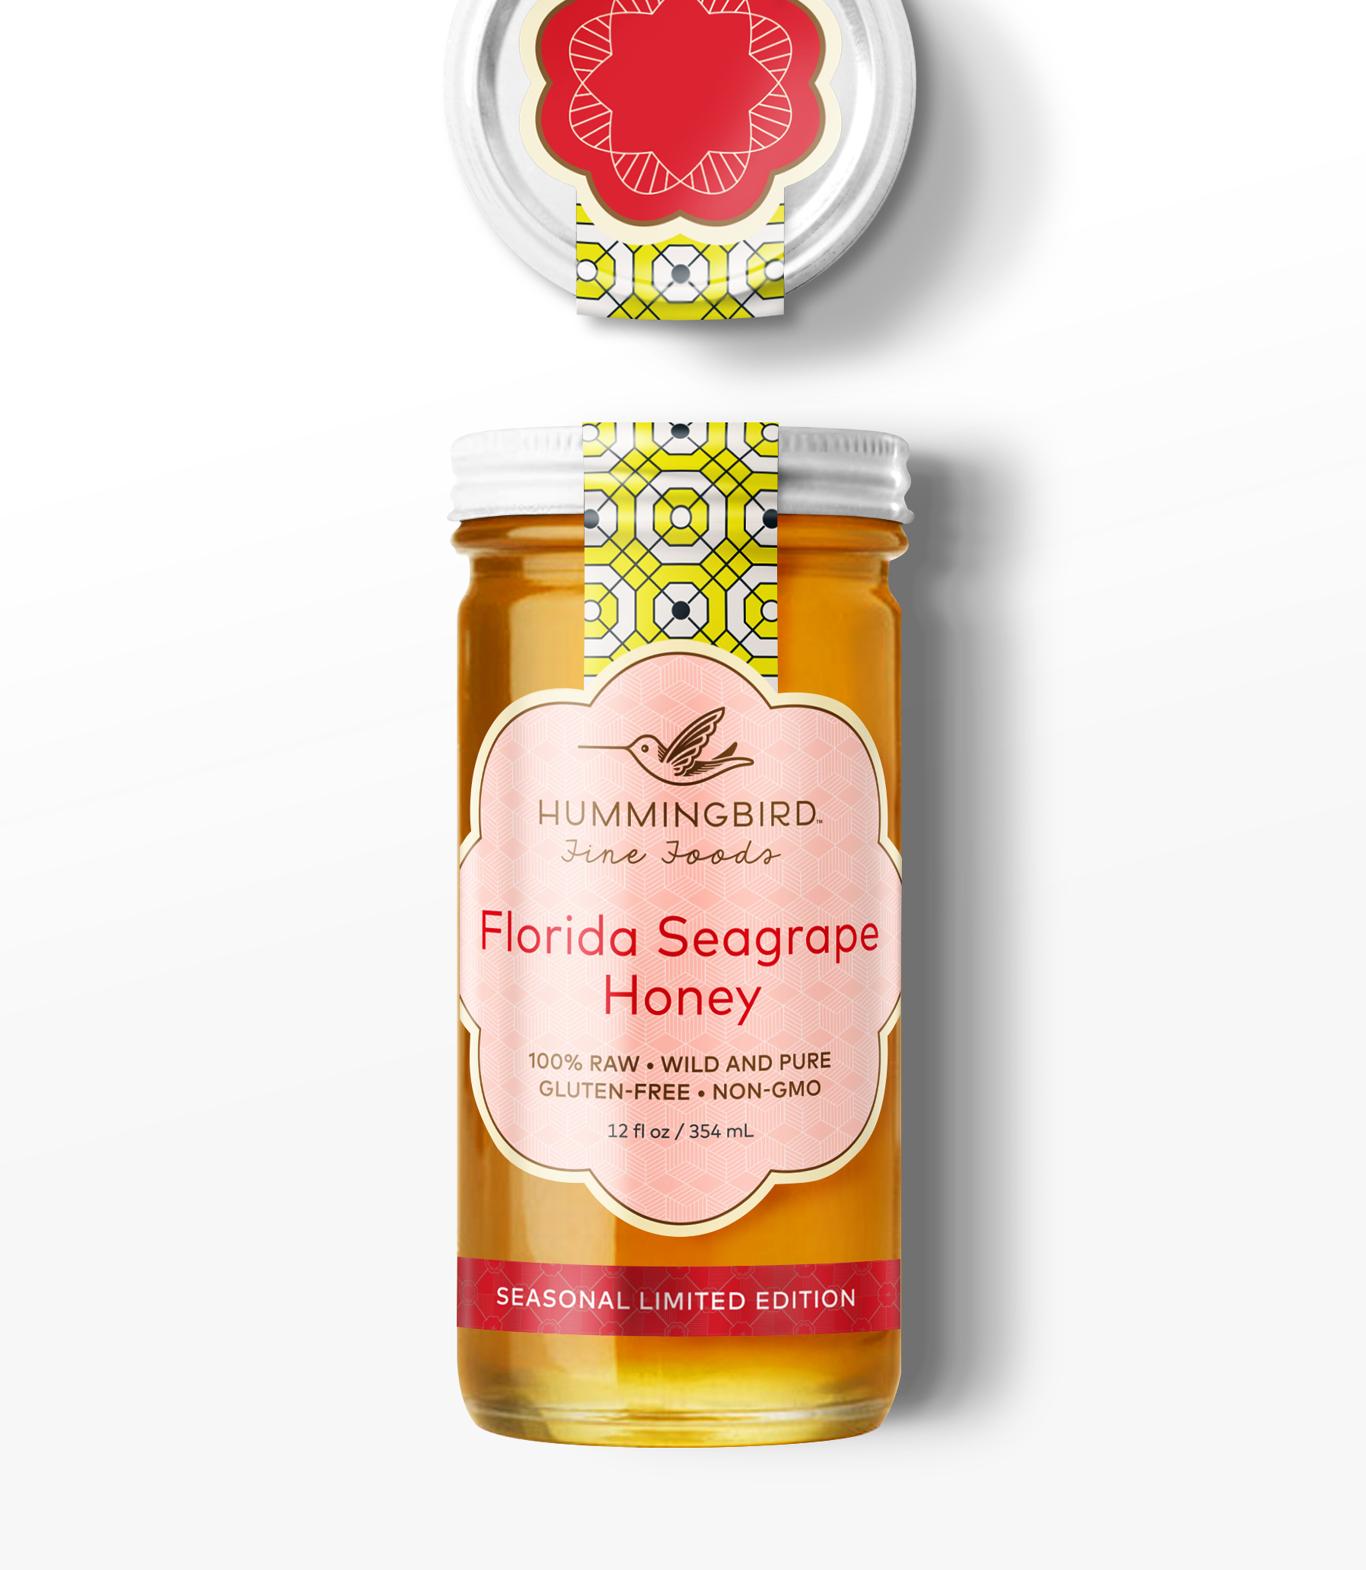 Coosa-Hummingbird-Fine-Foods-06.jpg